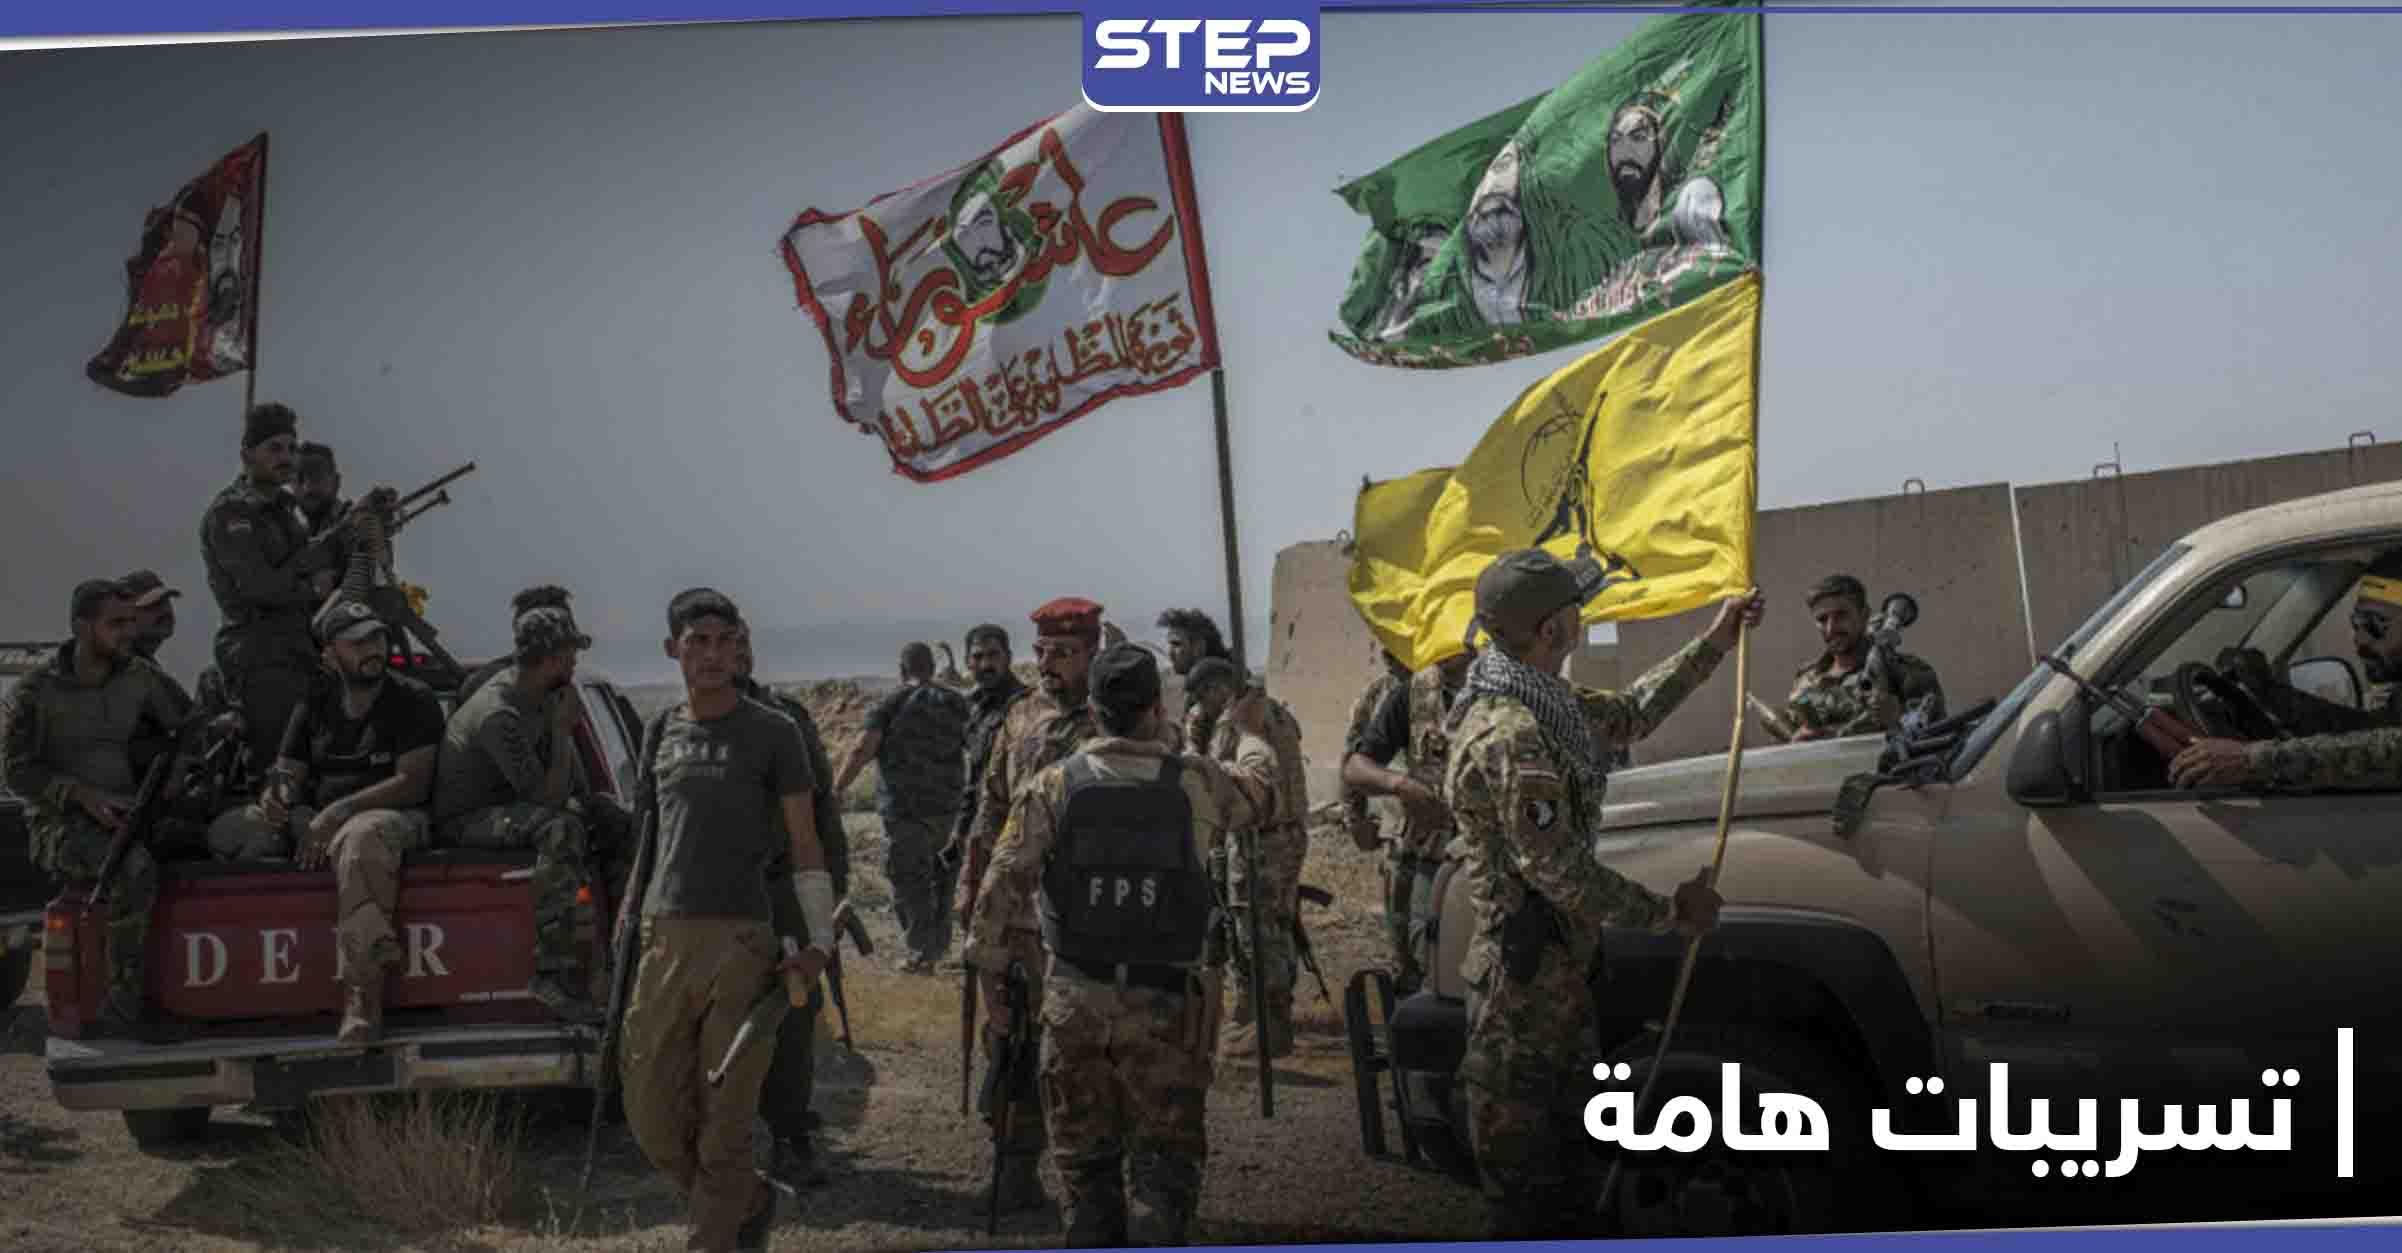 قادة الميليشيات الإيرانية تعقد اجتماعًا مغلقًا في البوكمال.. إليك التسريبات